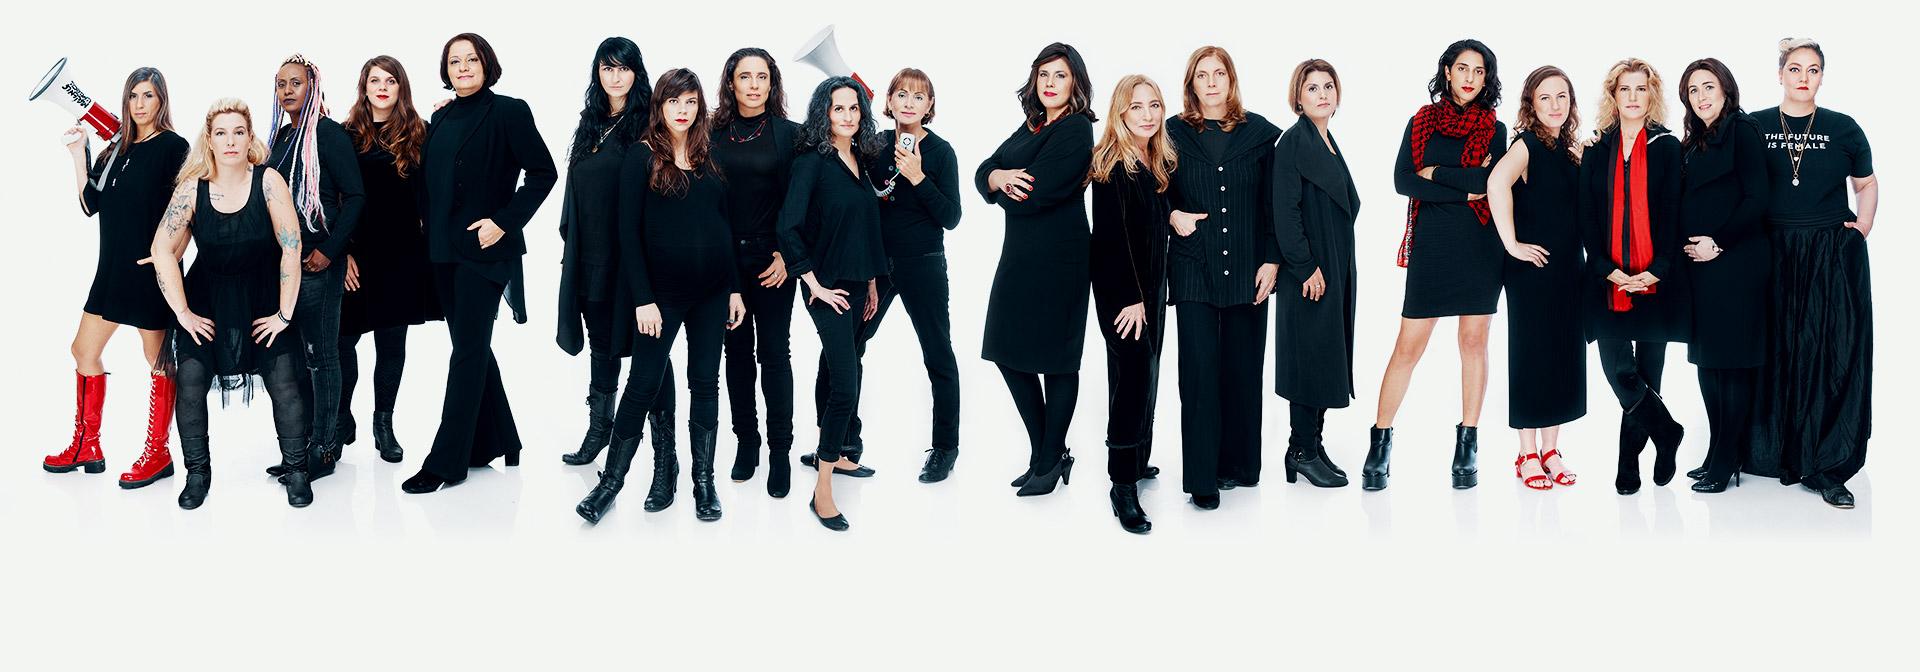 אקטיביסטיות, ליידי גלובס, 2018 / צילום: ענבל מרמרי